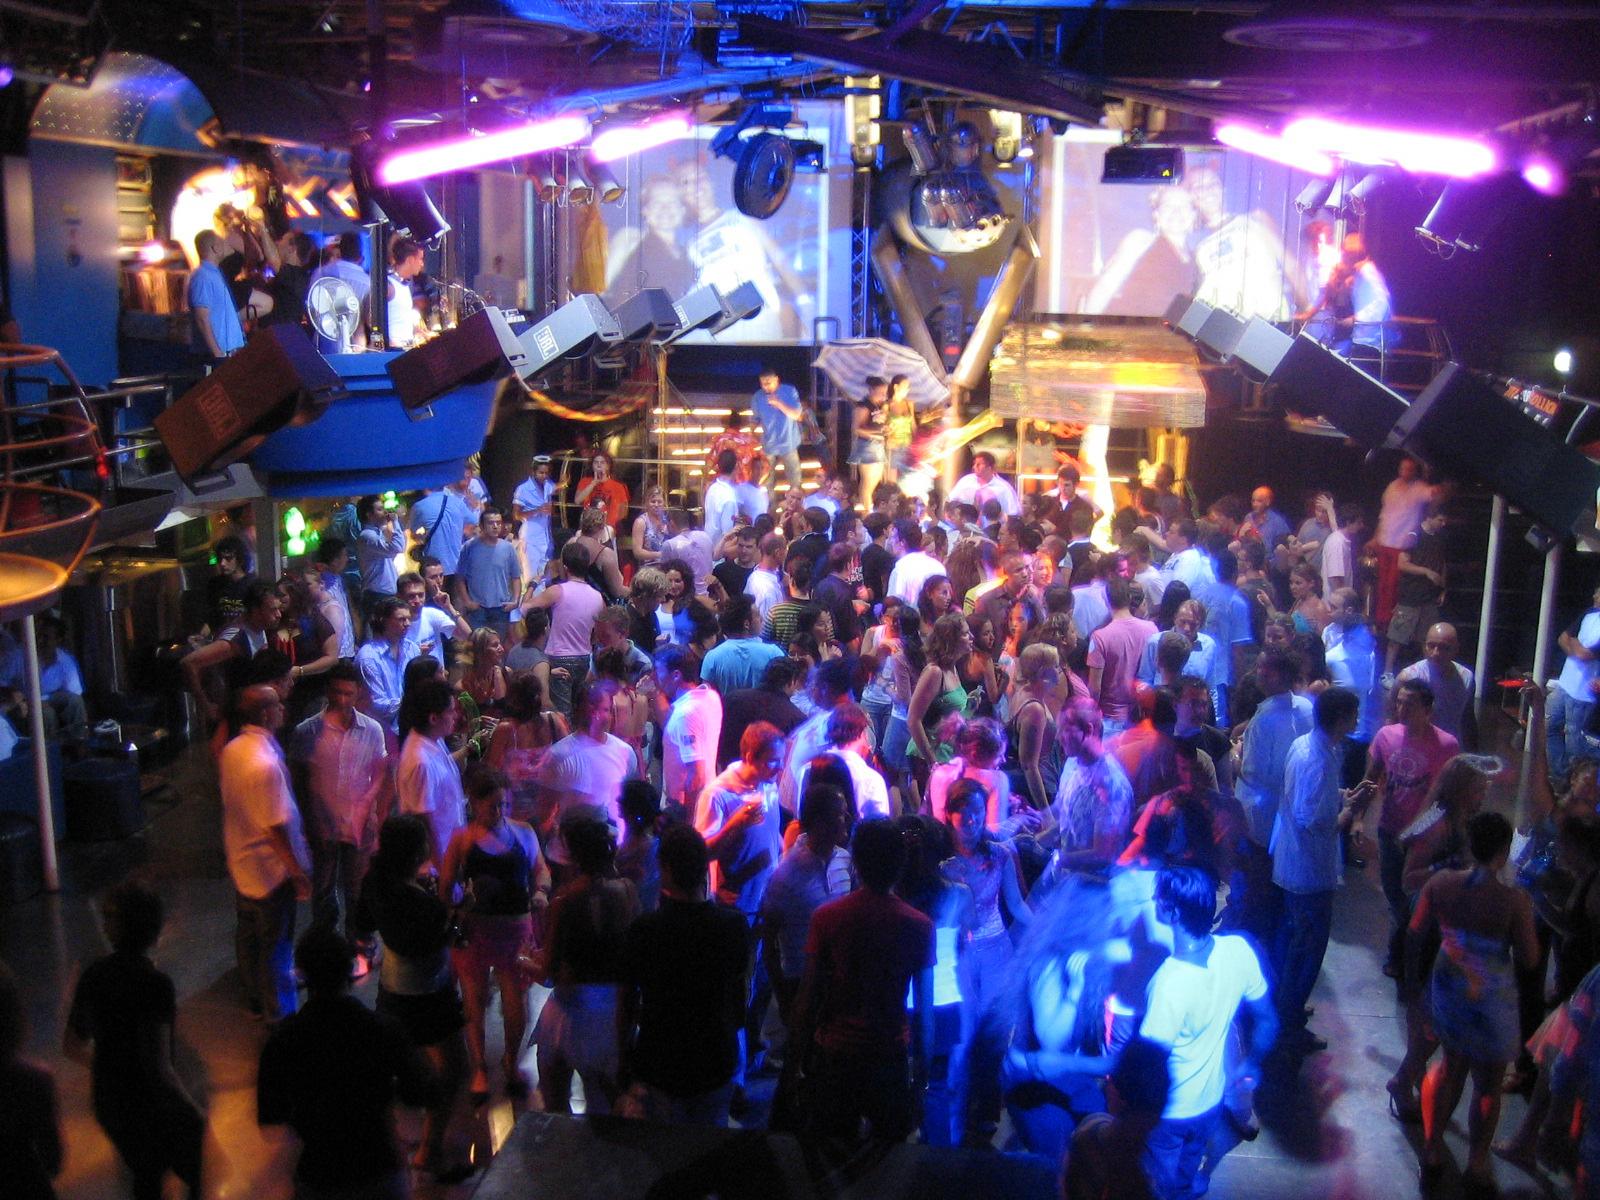 Секс на сцене в клубе пилот мурманск 21 фотография